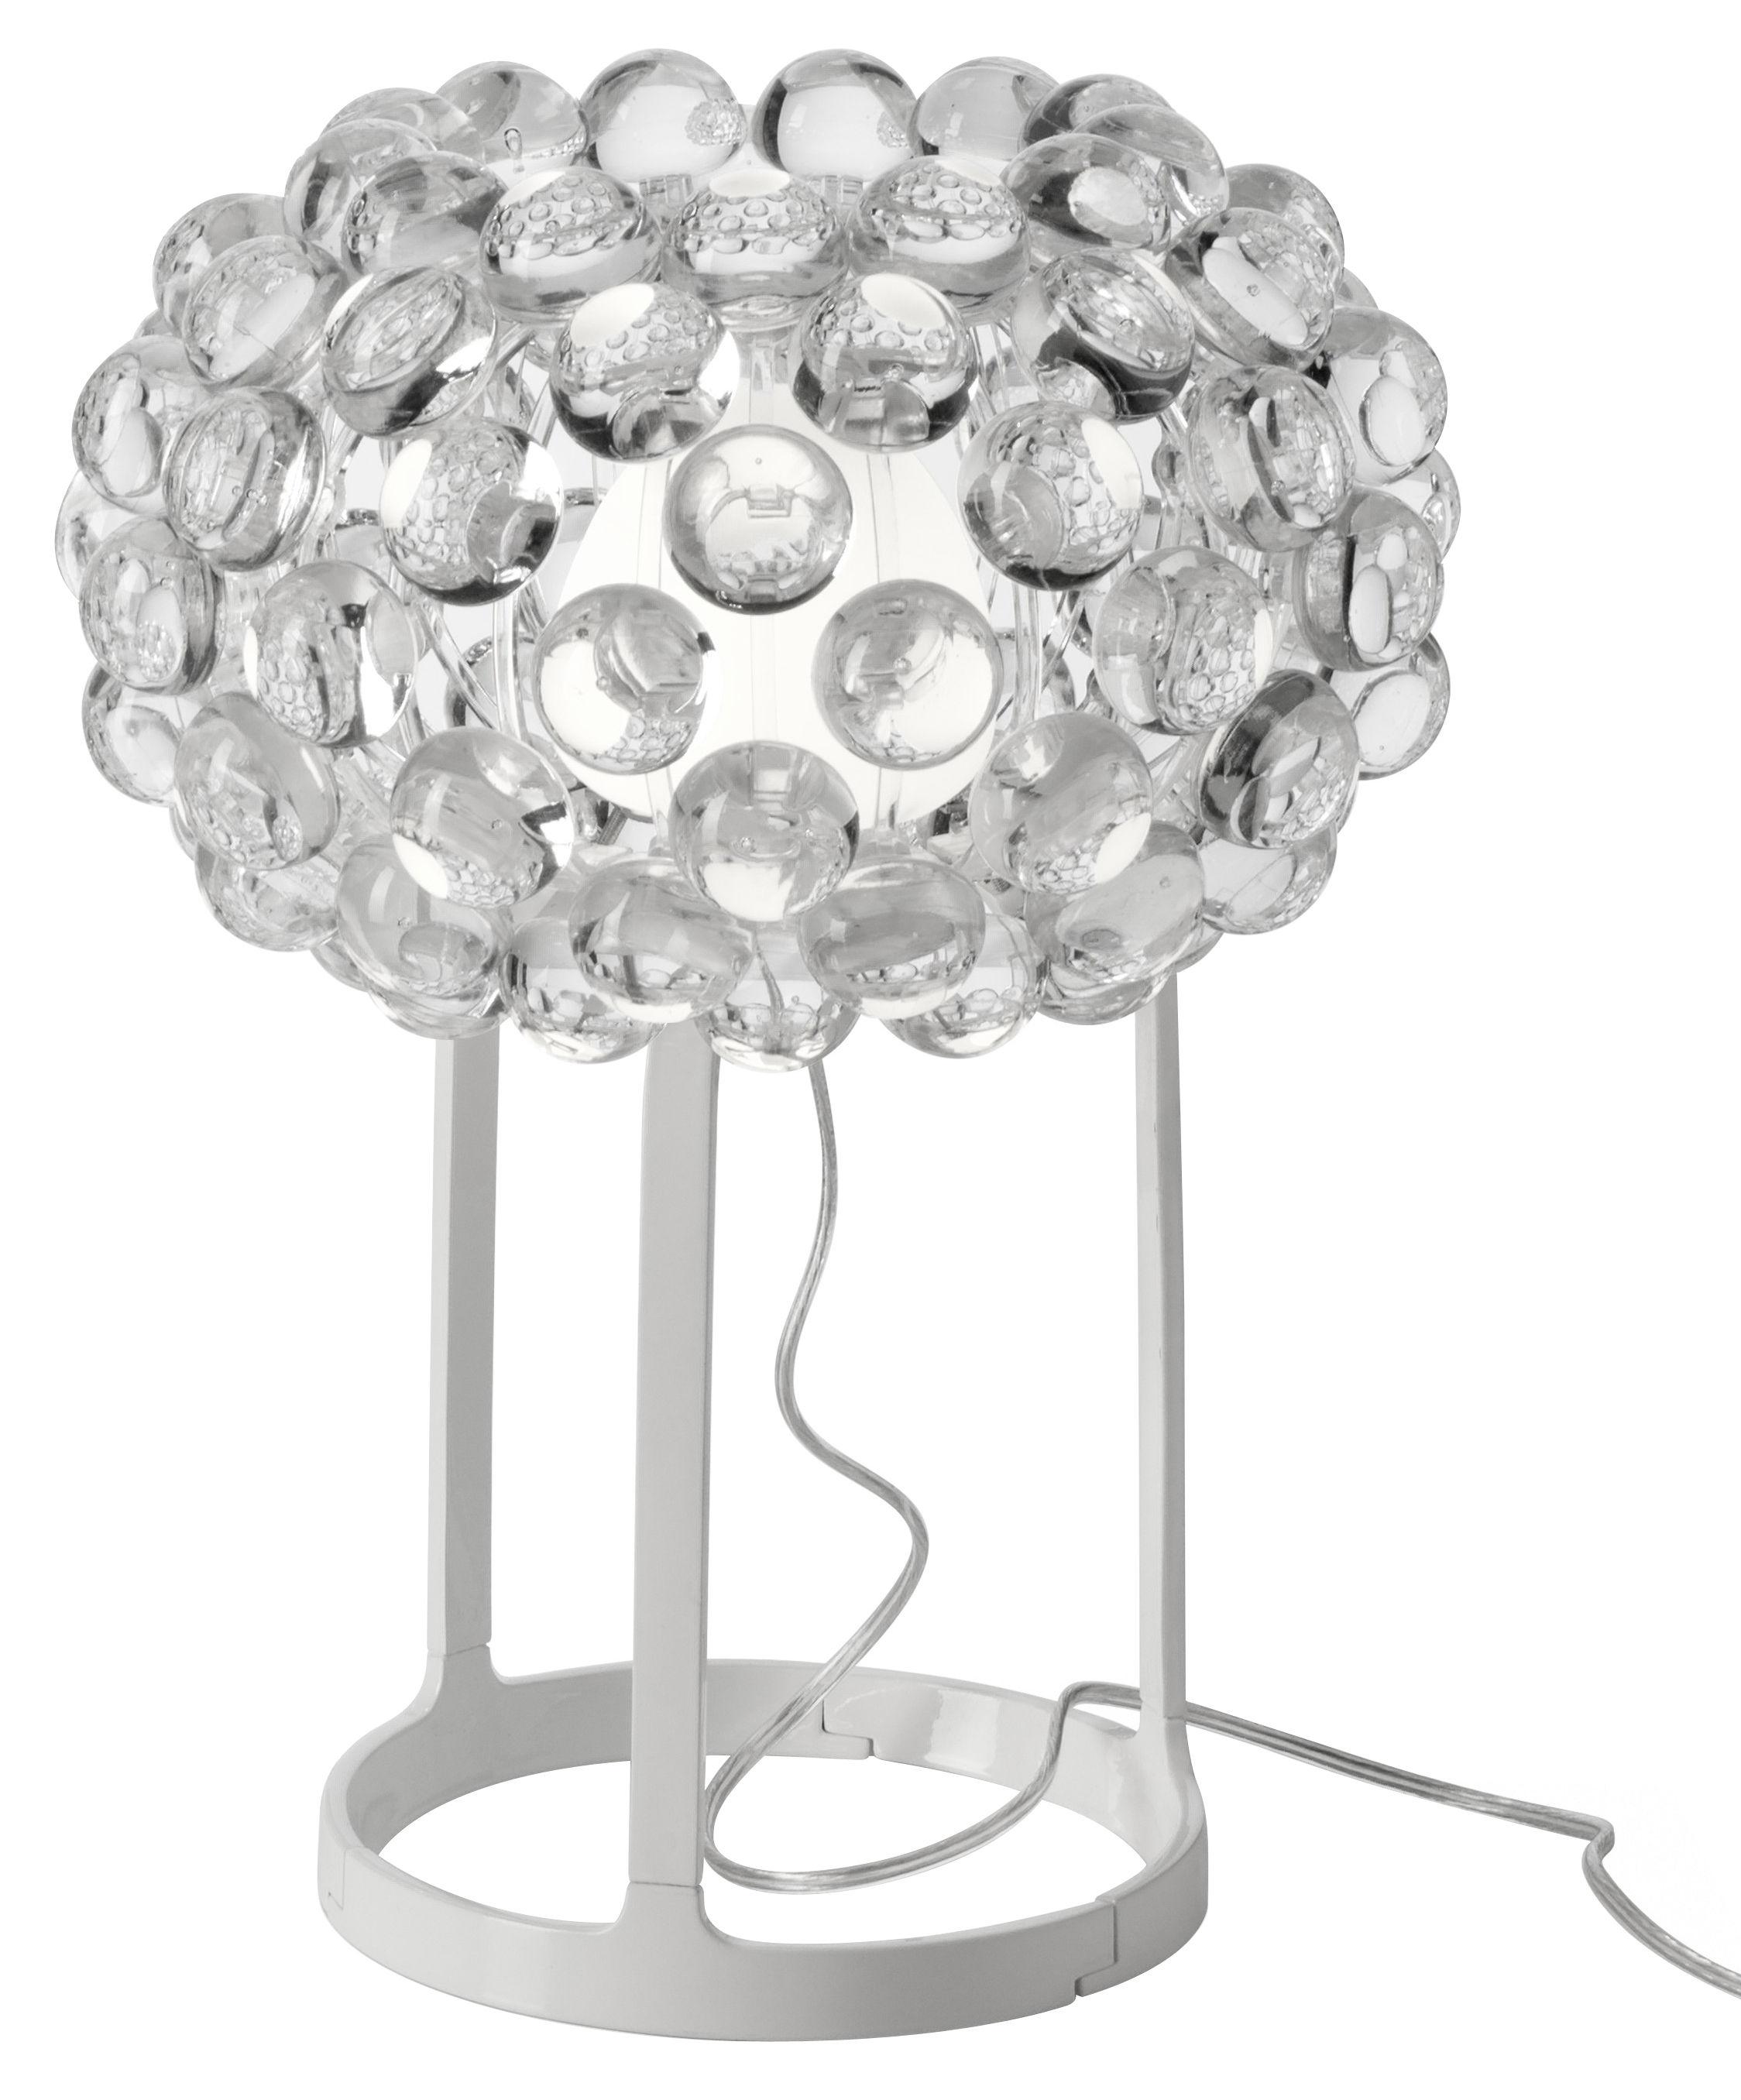 Leuchten - Tischleuchten - Caboche Piccola Tischleuchte Piccola - Foscarini - Caboche Piccola Ø 31 - H 38 cm - Metall, PMMA